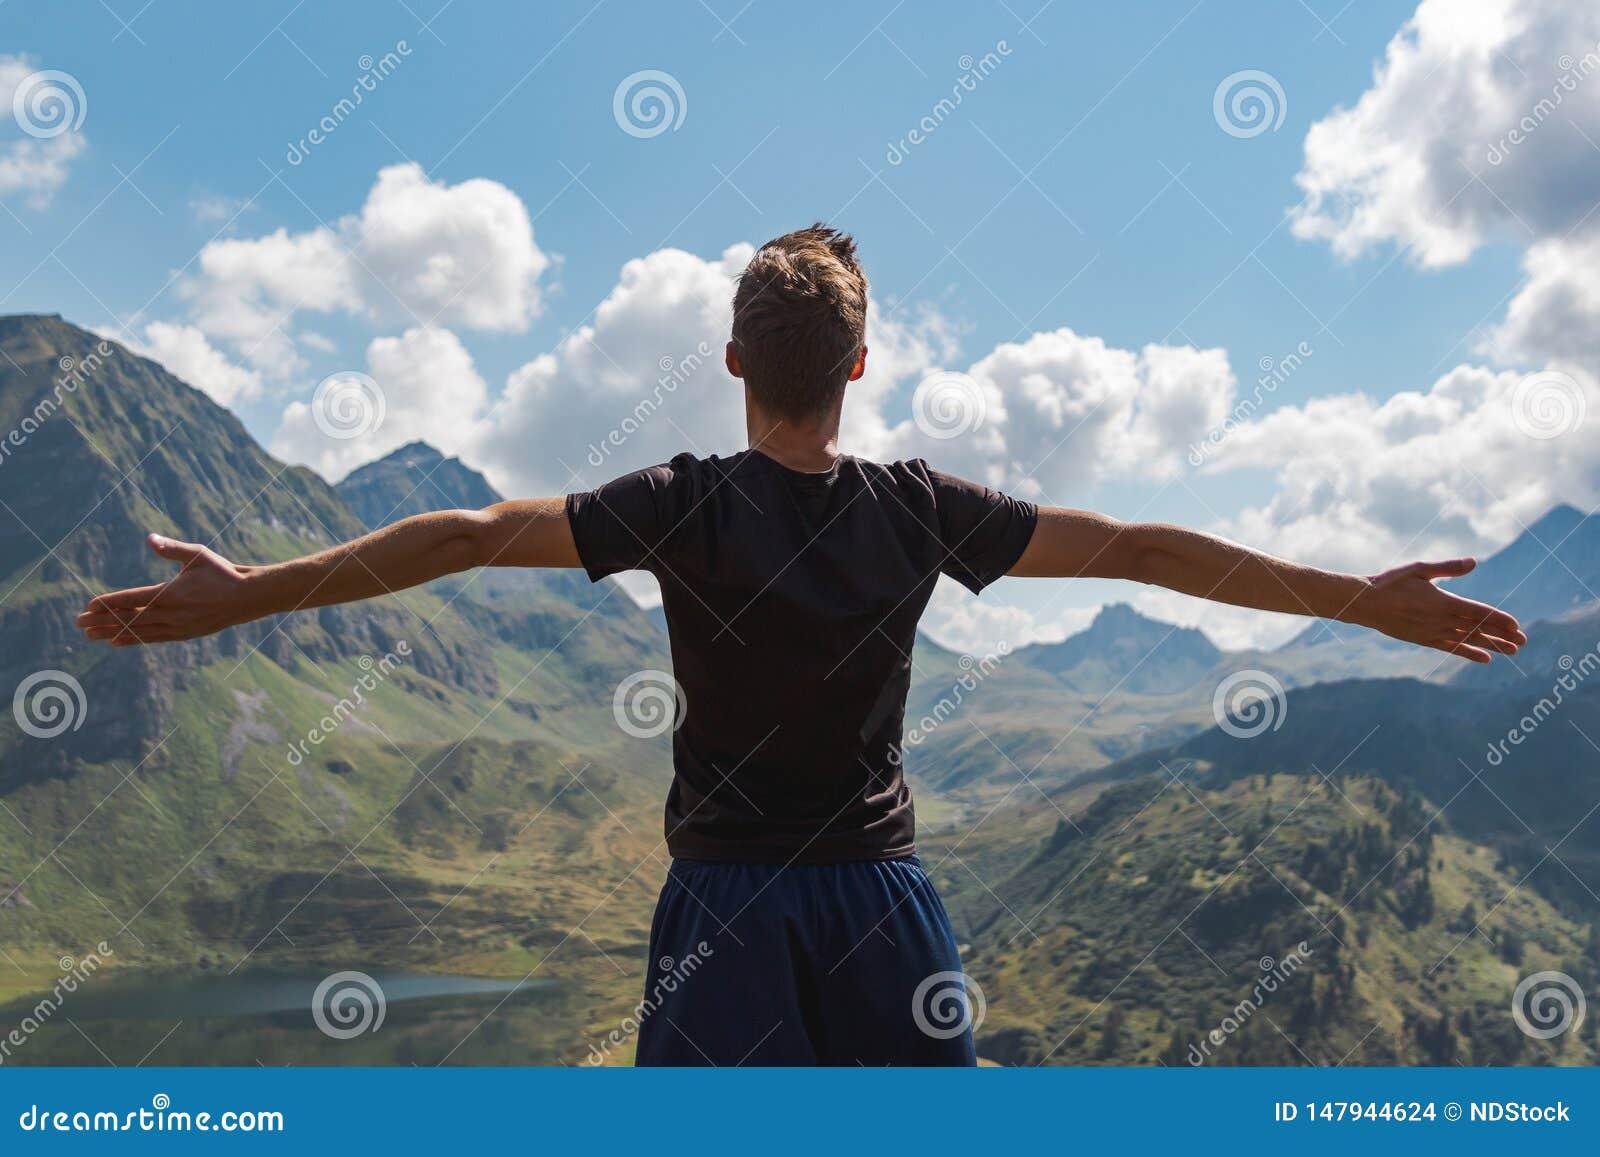 Los brazos de hombre de jóvenes aumentaron disfrutar de la libertad en las montañas durante un día soleado